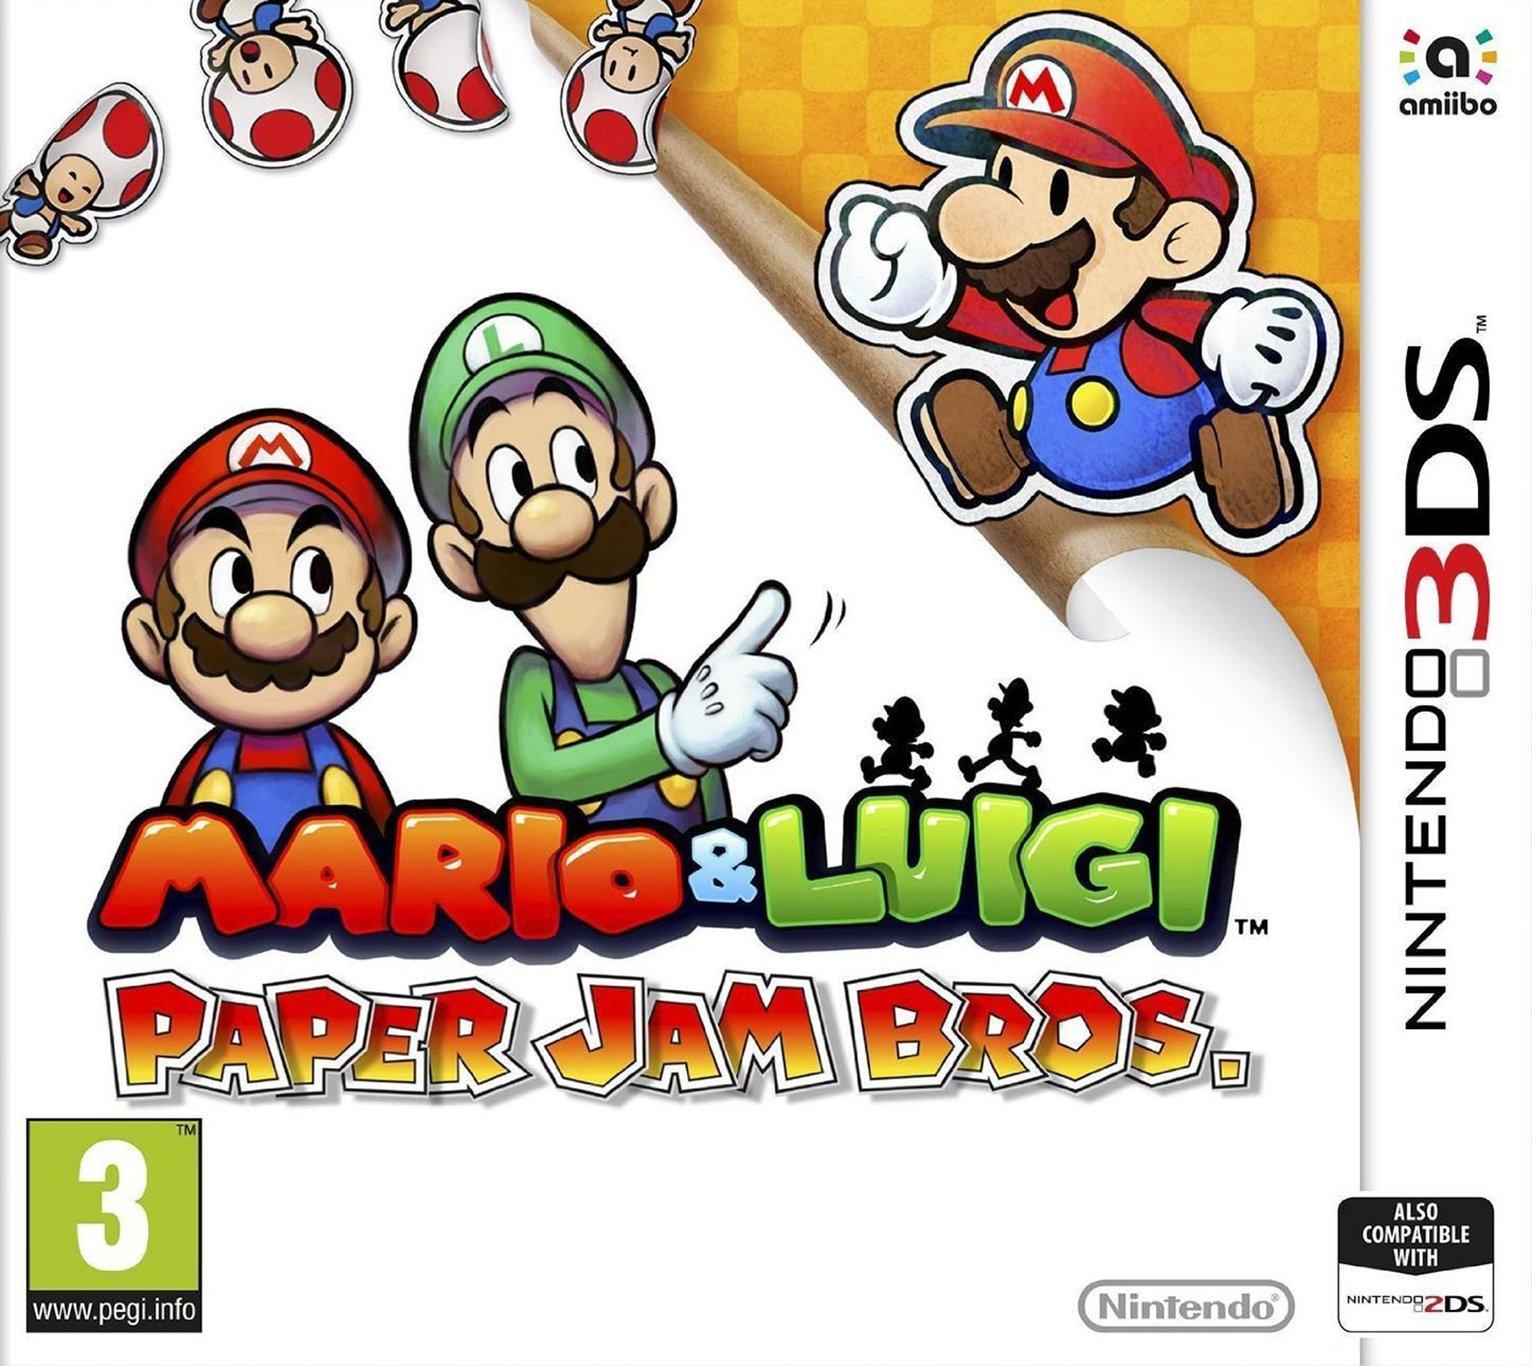 Mario and Luigi: Paper Jam Bros Nintendo 3DS Game